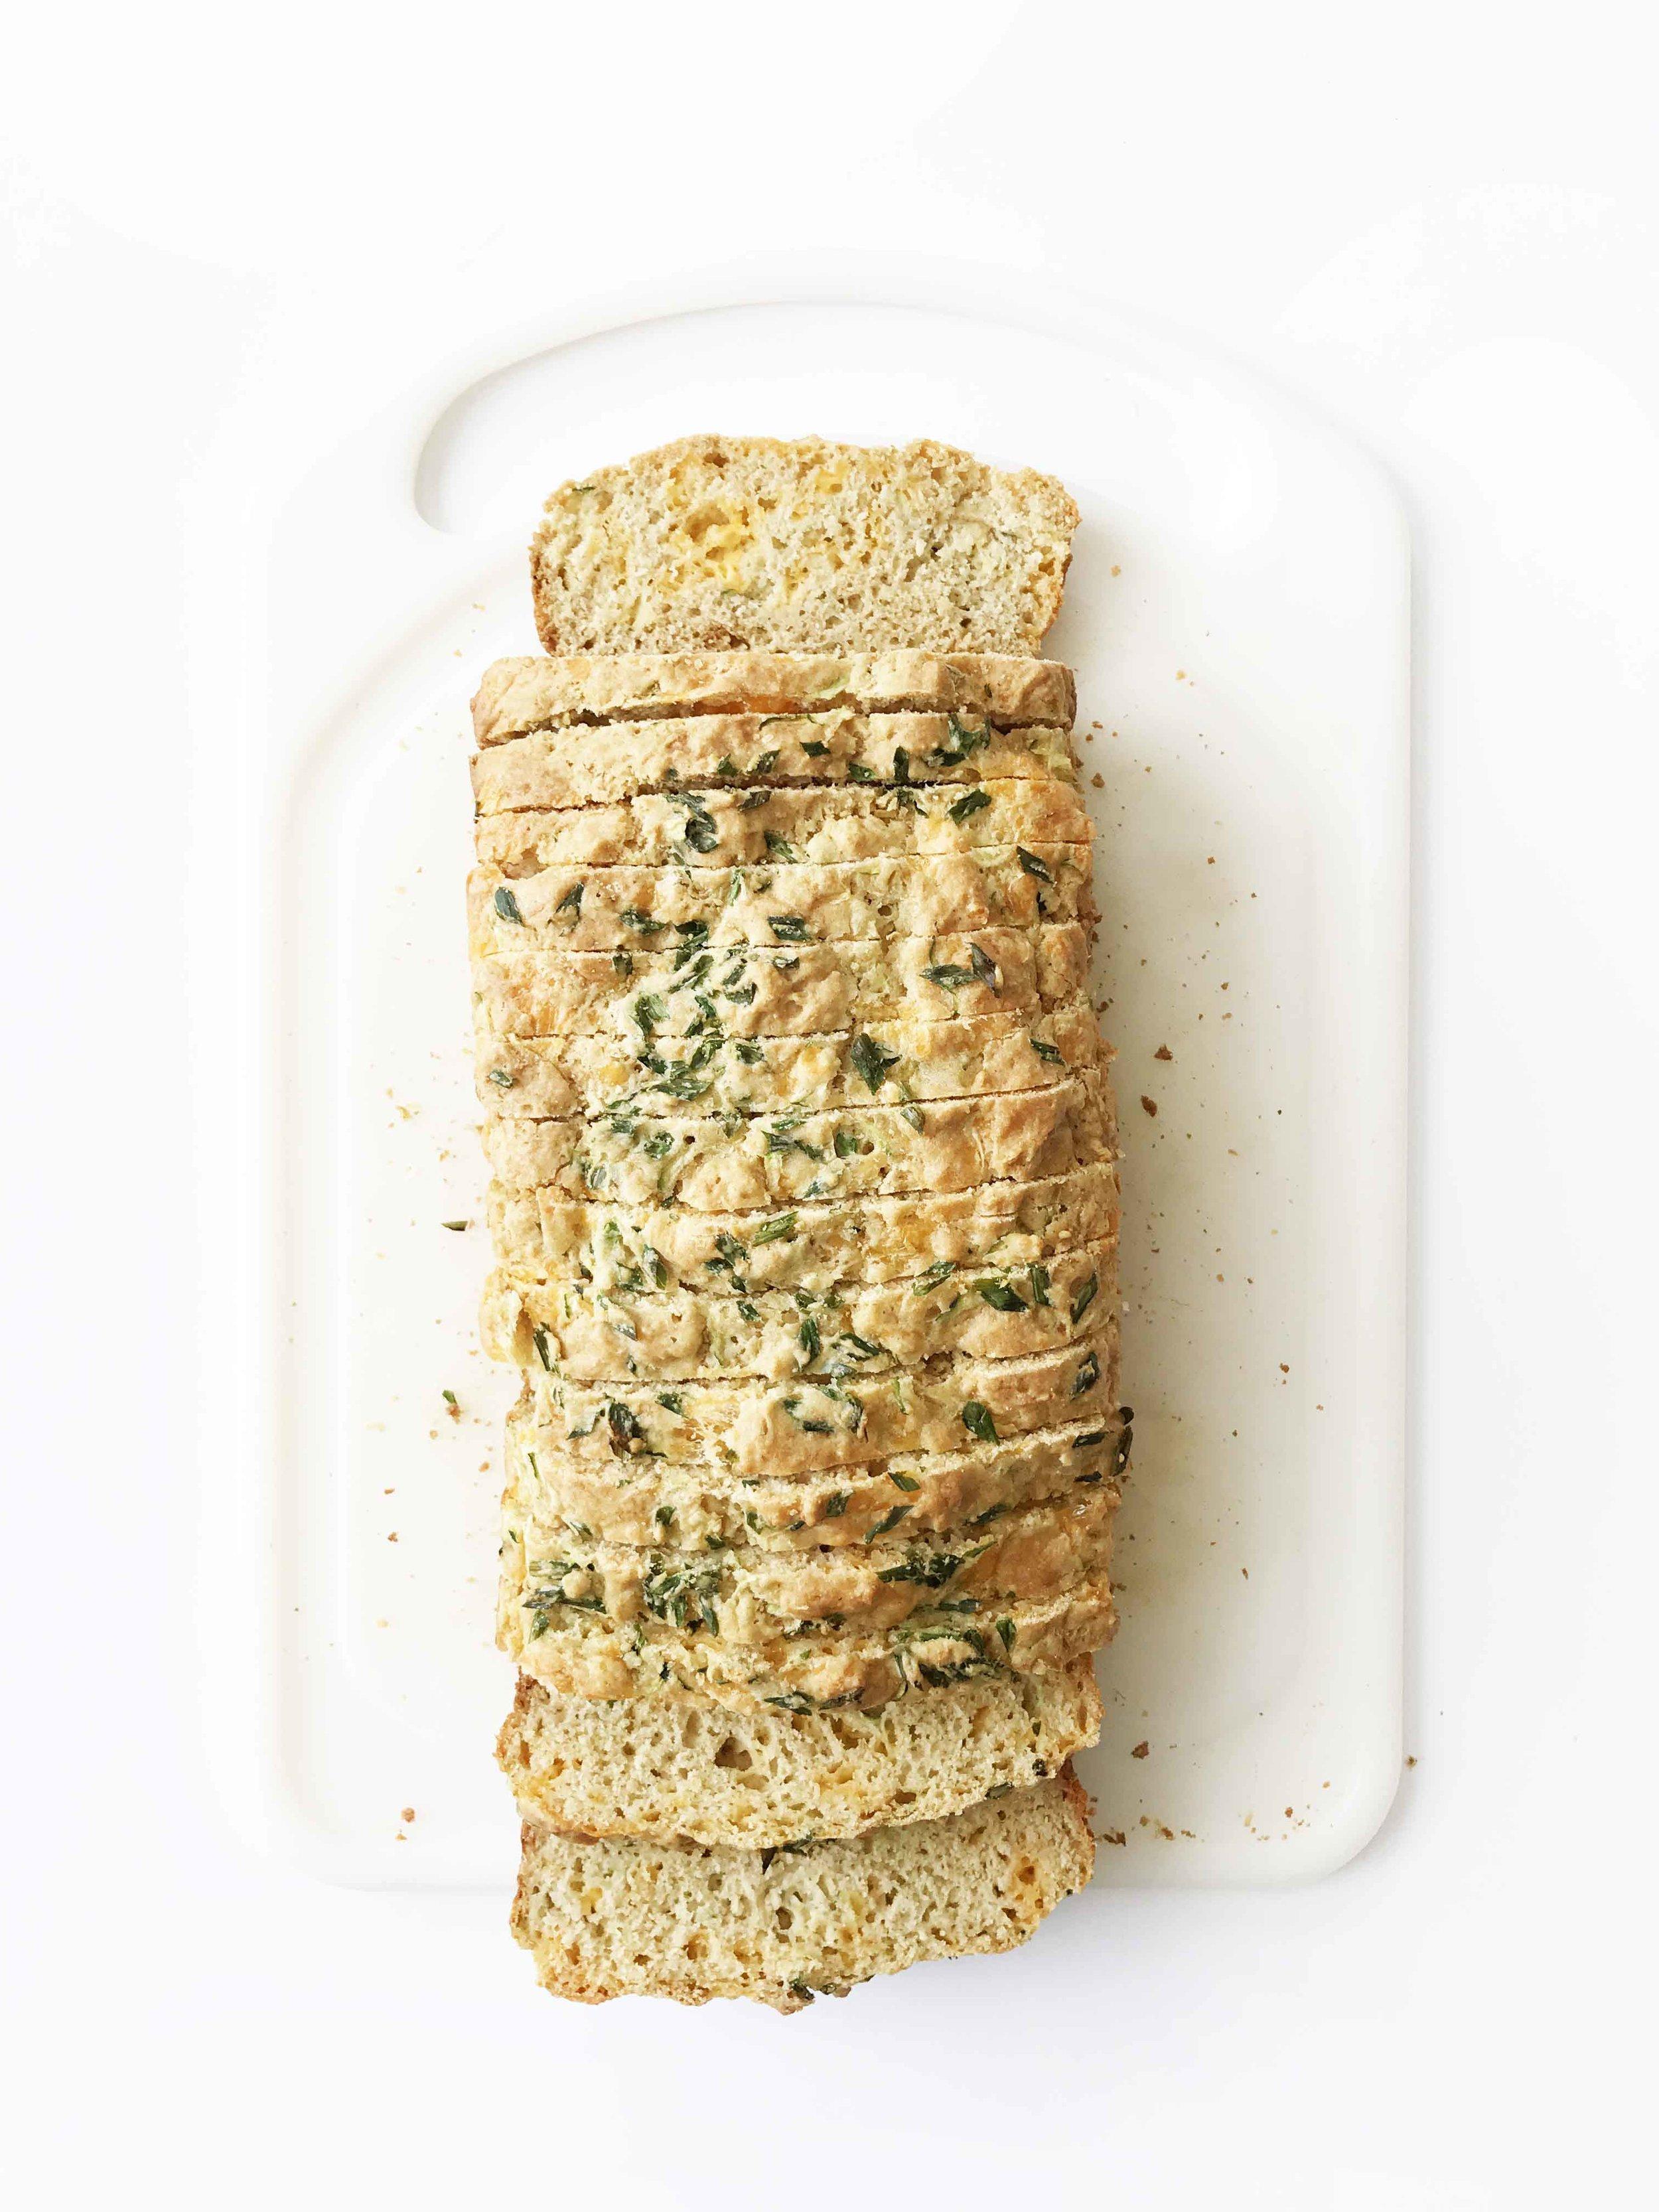 cheddar-chive-zuch-bread9.jpg